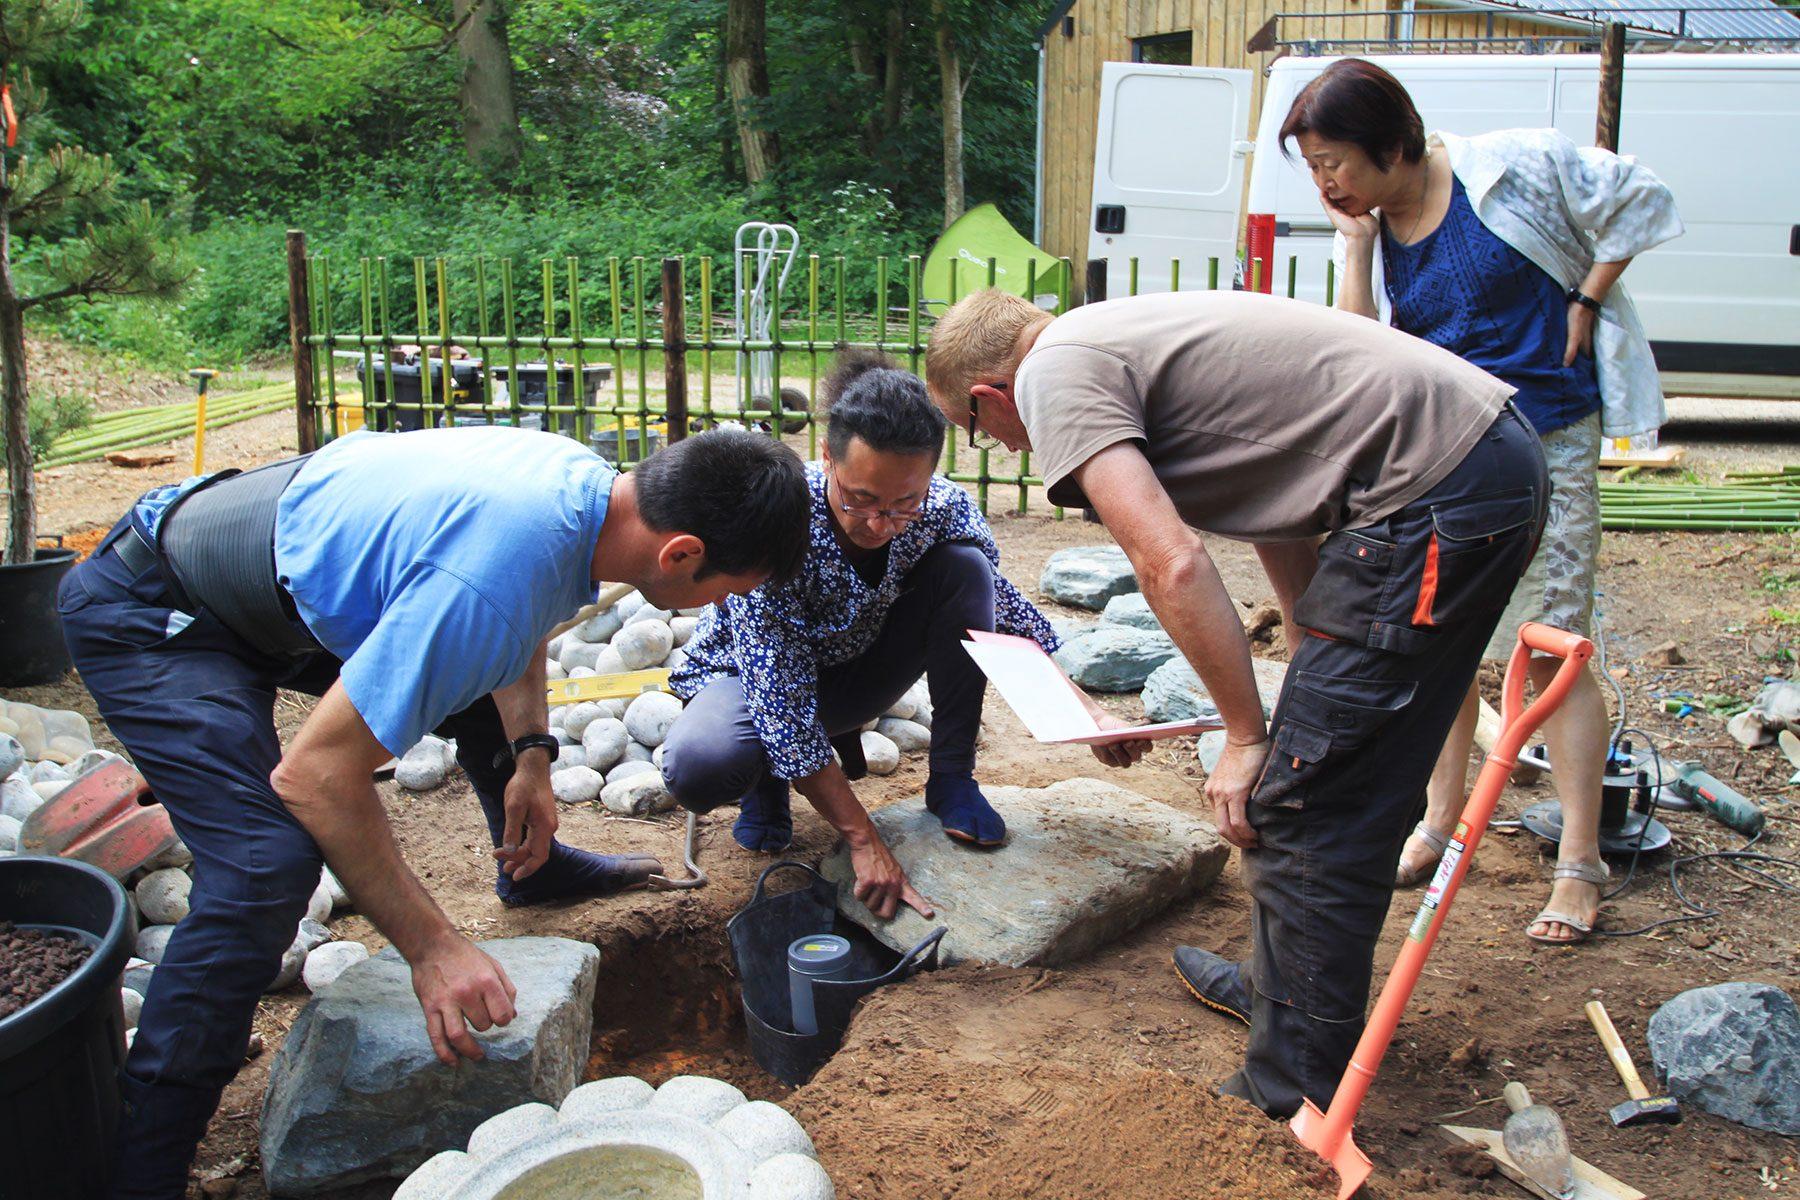 熱意が高い参加者たちに囲まれながら、日本の庭に脈々と受け継がれてきた伝統を継承しました。